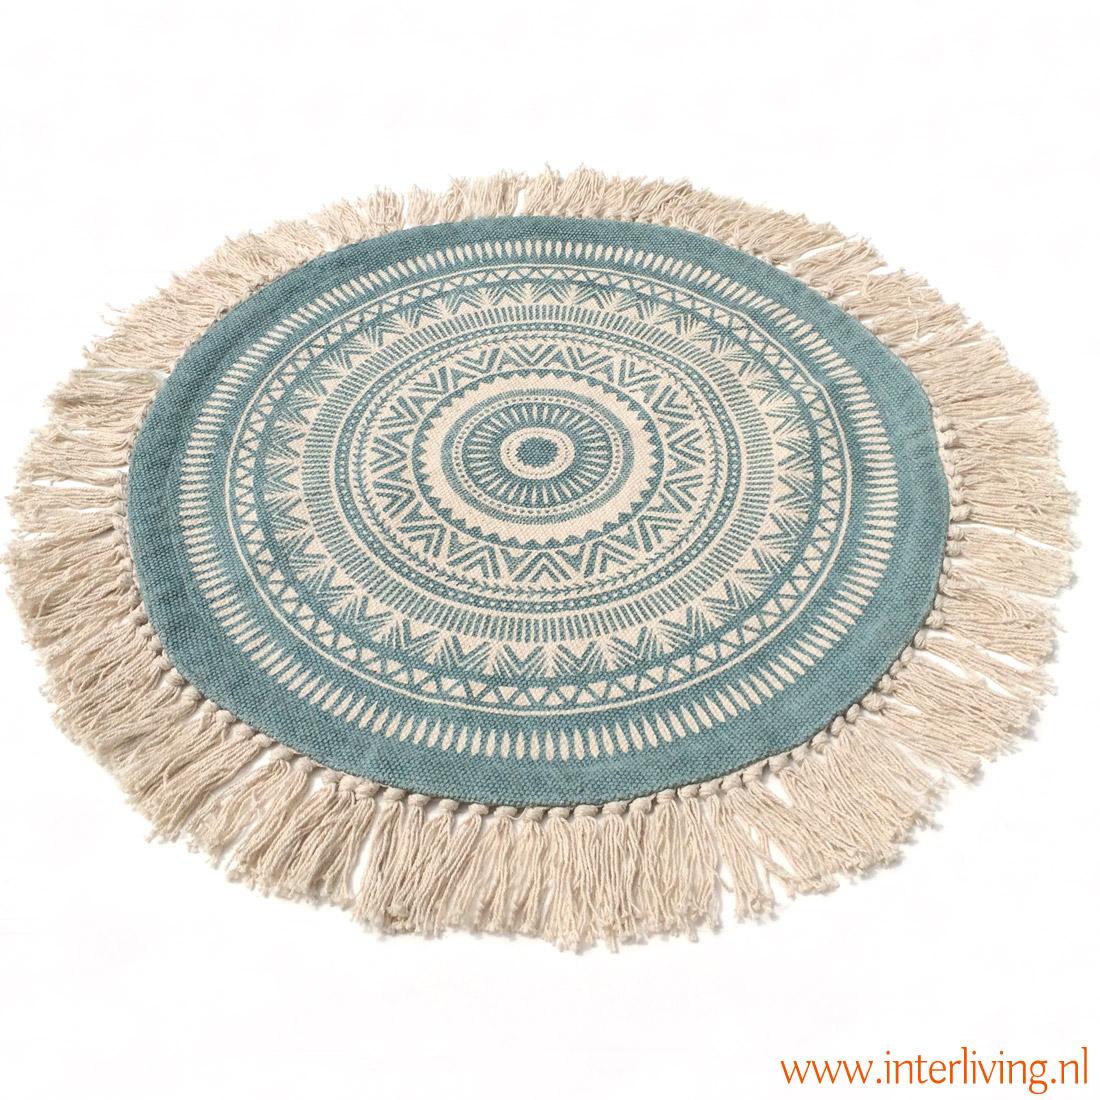 rond kleed oosters patroon in de kleur aqua en wit - rondies met kwastjes, hand geweven van katoen met print